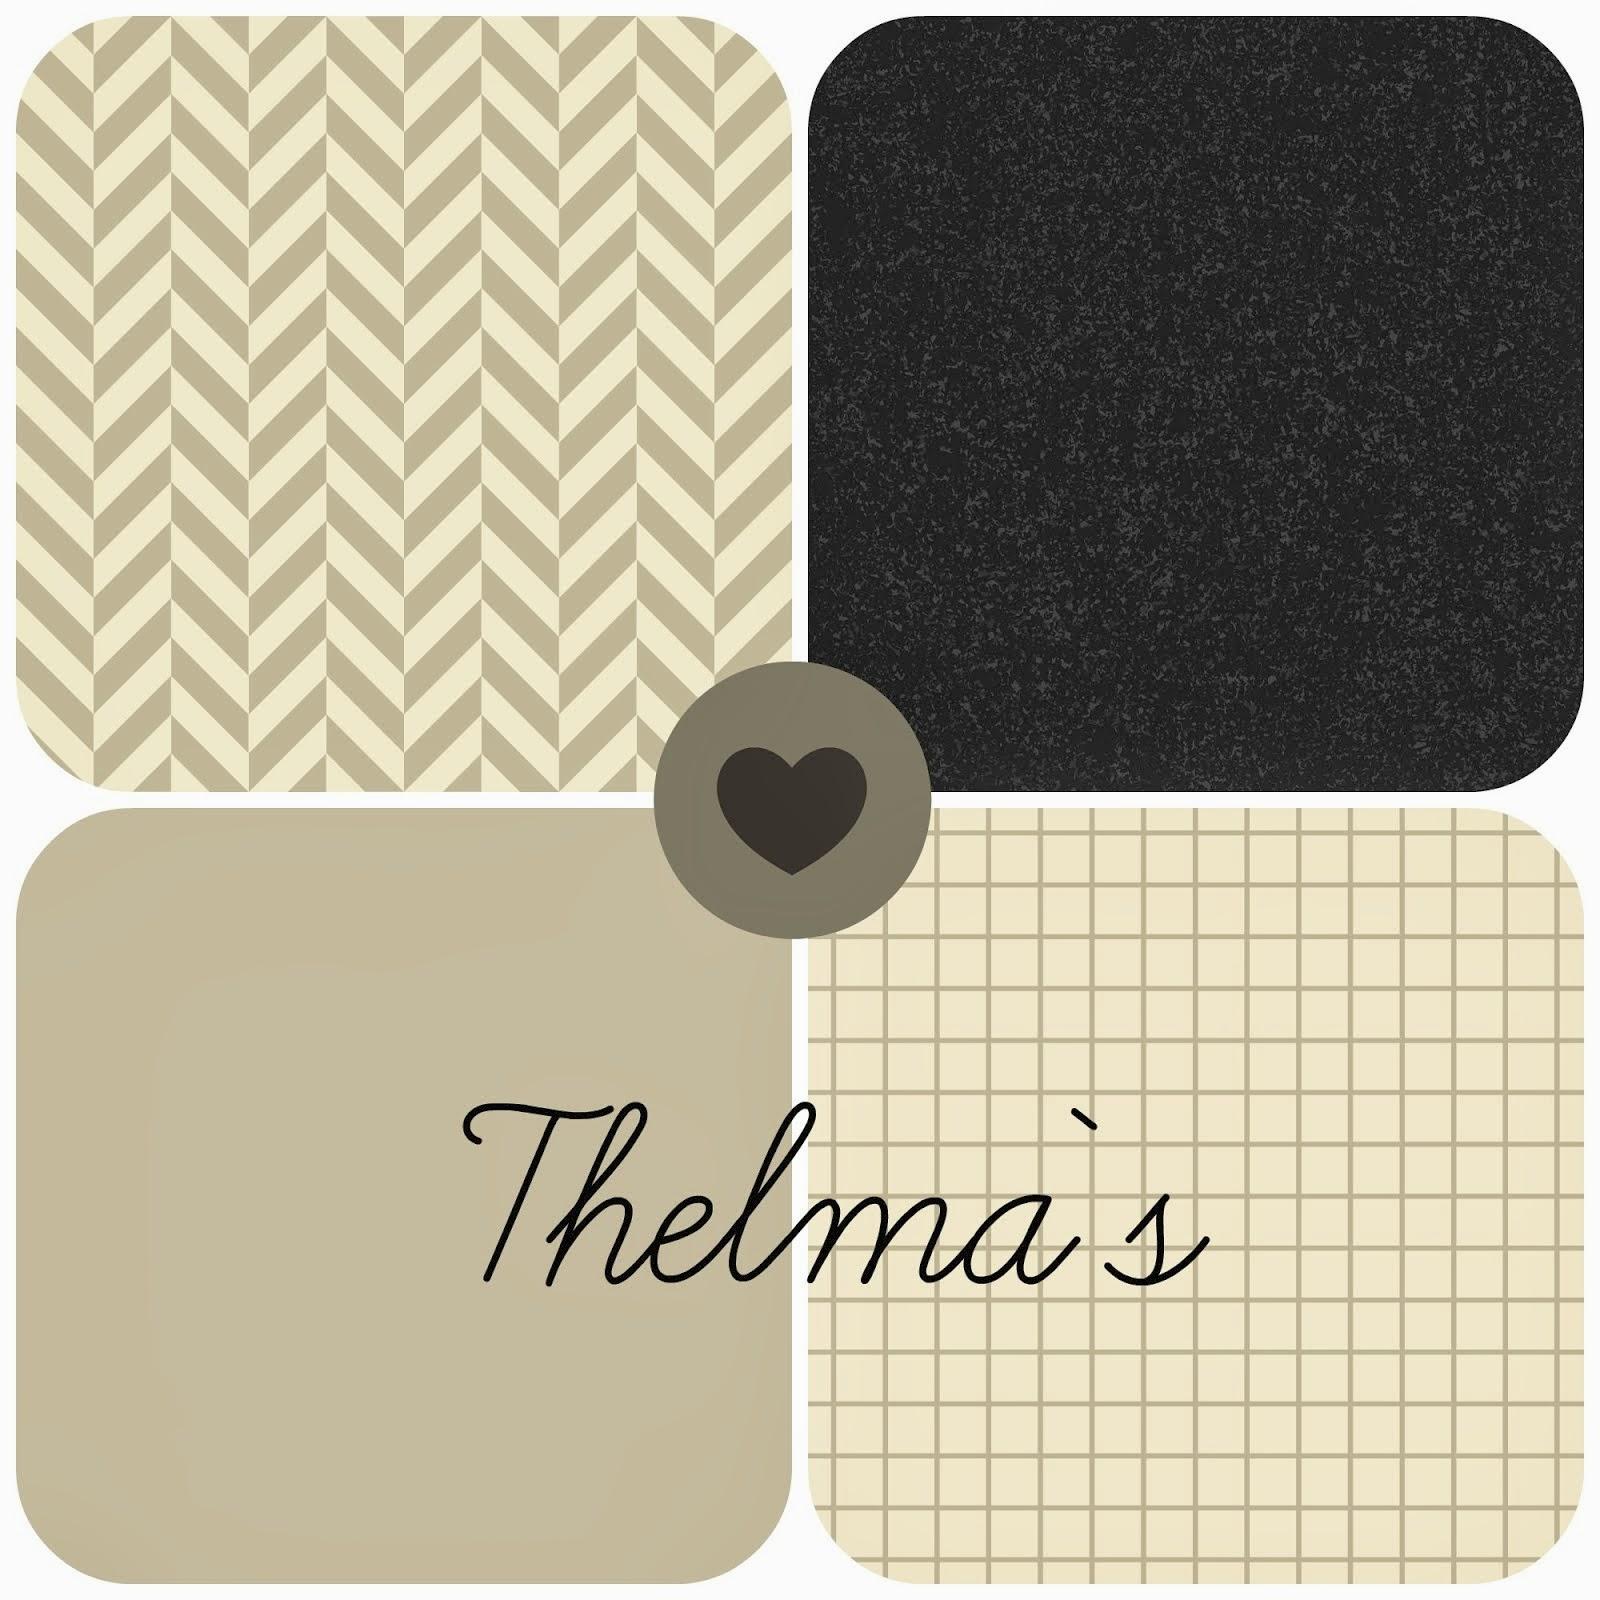 Thelma`s